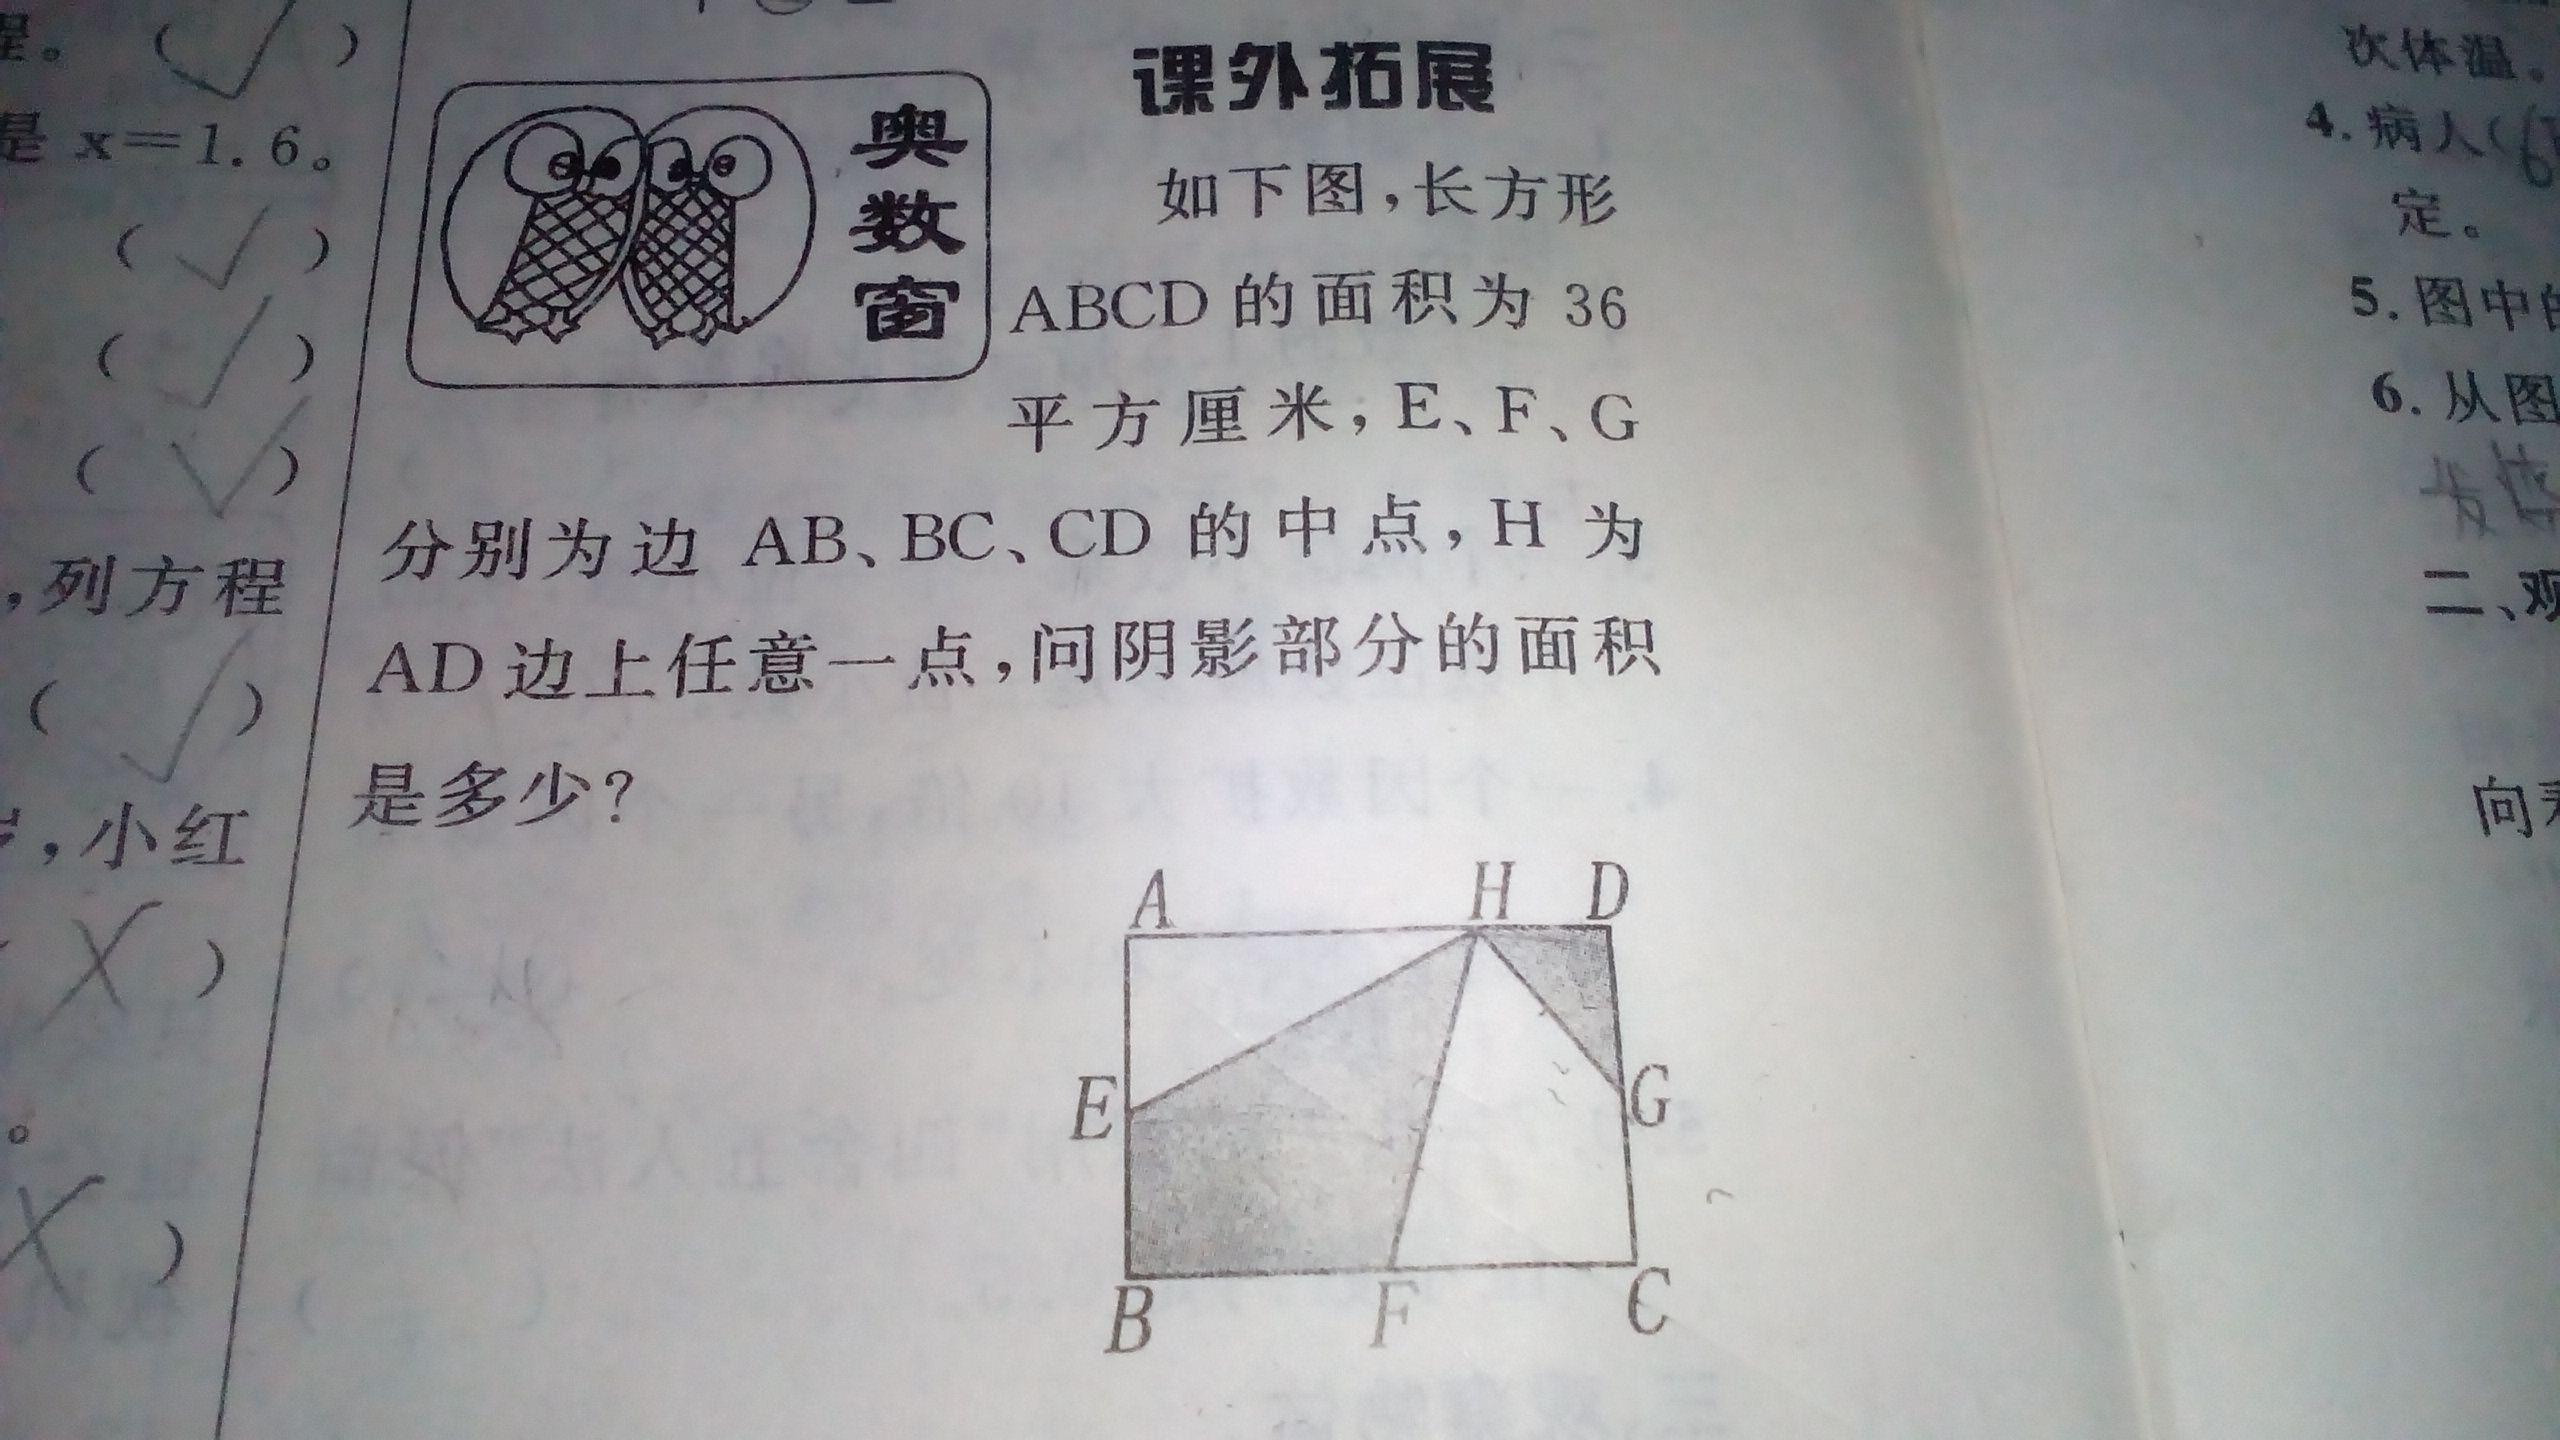 一道小学数学奥数题_一道小学五年级图形奥数题_百度知道